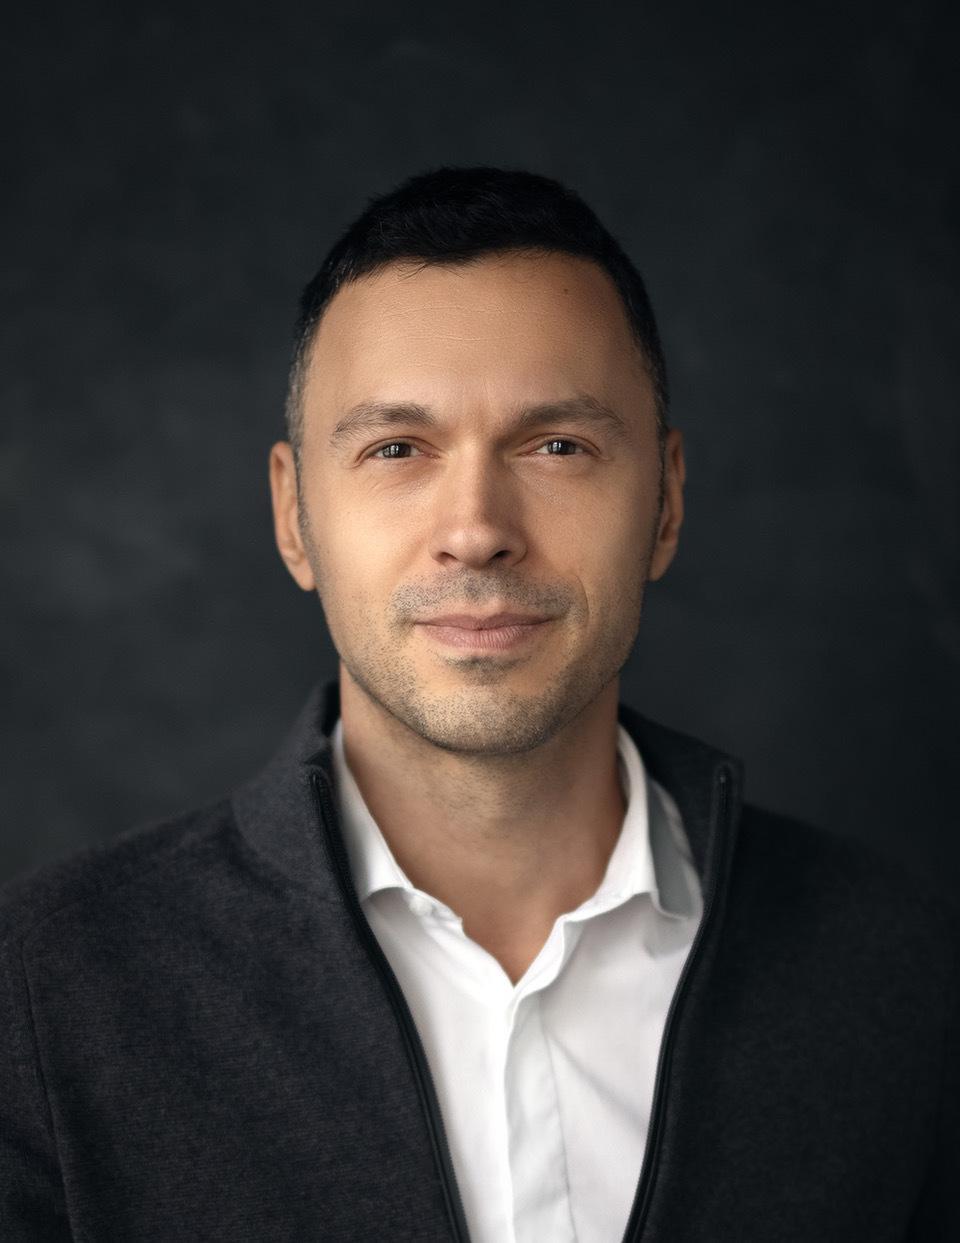 Elveţienii de la Miniclip devin acţionari majoritari la Green Horse Games, producător de jocuri lansat în 2013 de George Lemnaru